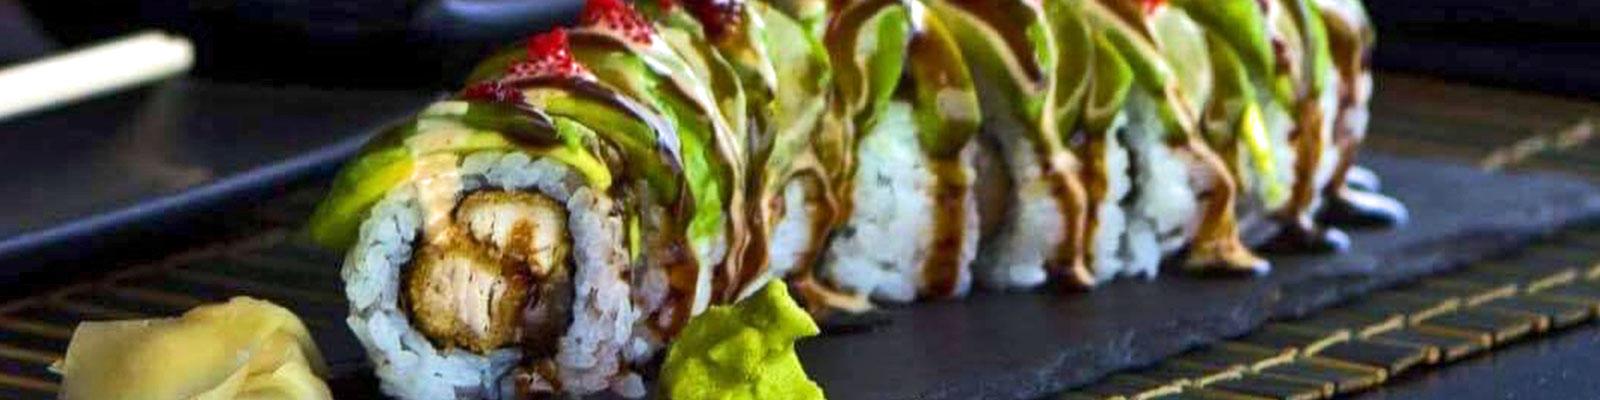 osaka-sushi-restaurant-bonaire-slider-image-1